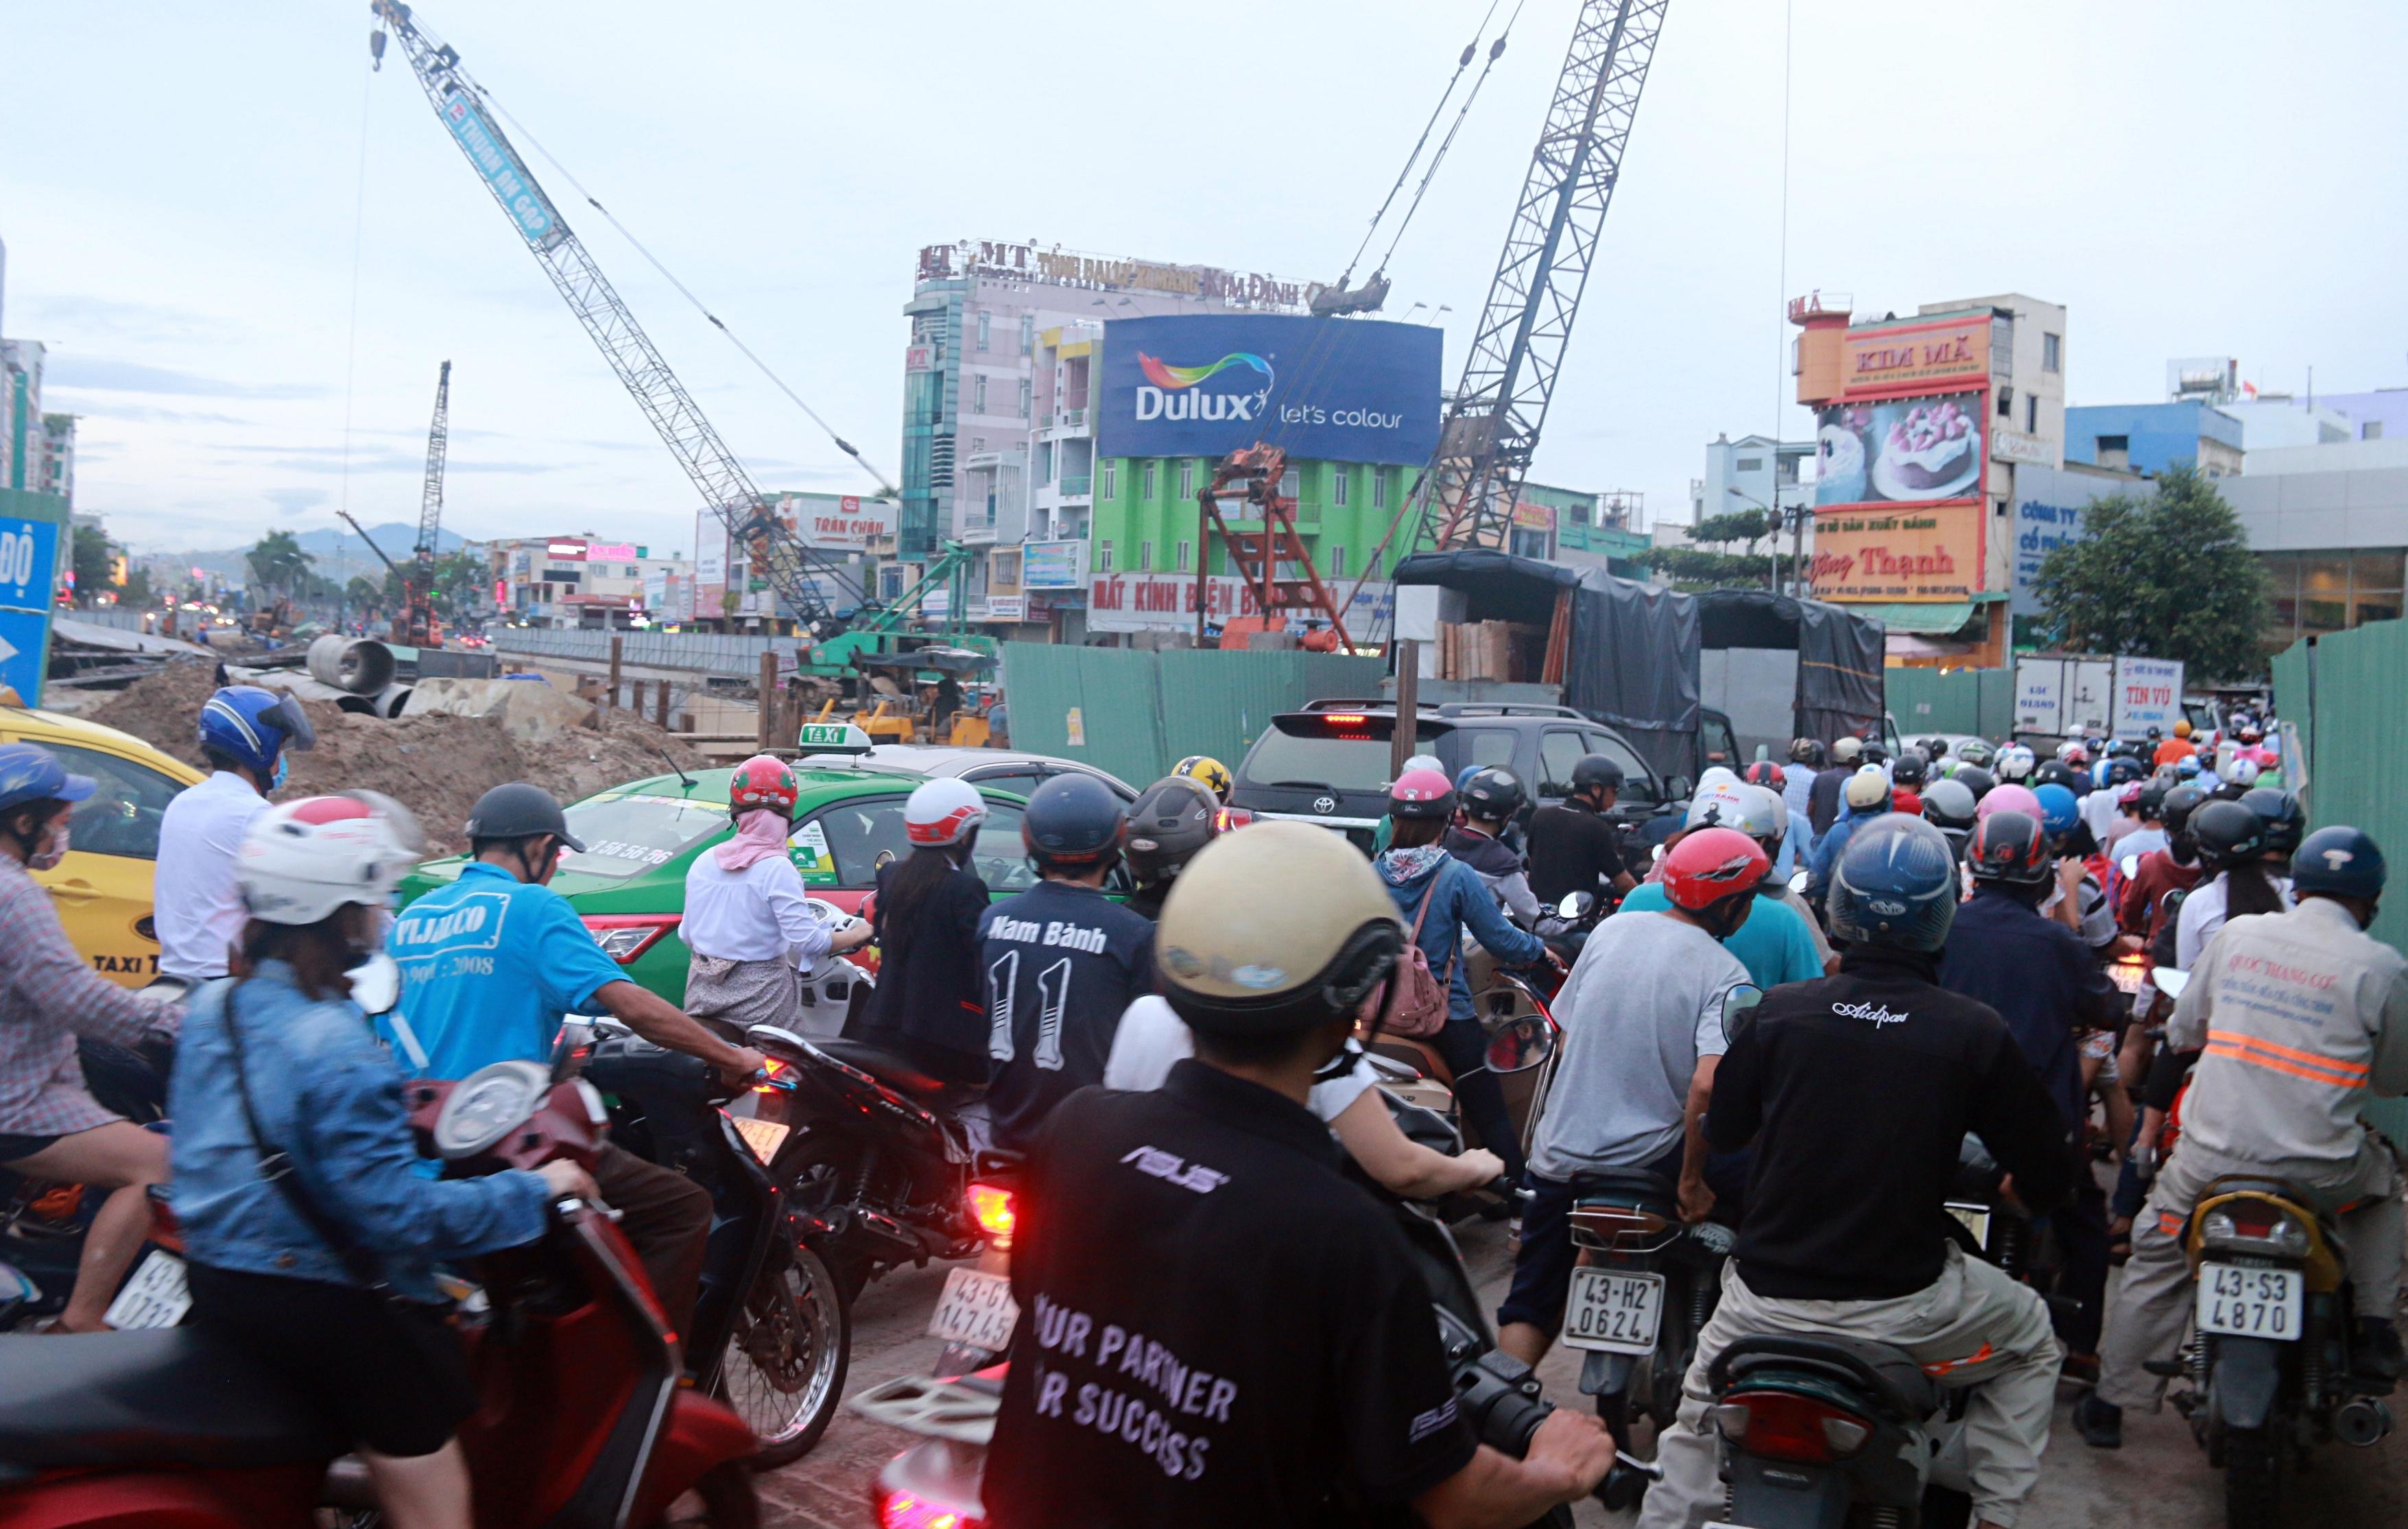 Chùm ảnh: Công trình hầm chui chậm tiến độ, người dân Đà Nẵng mệt mỏi trước cảnh hàng ngàn phương tiện ùn ứ kéo dài - Ảnh 4.